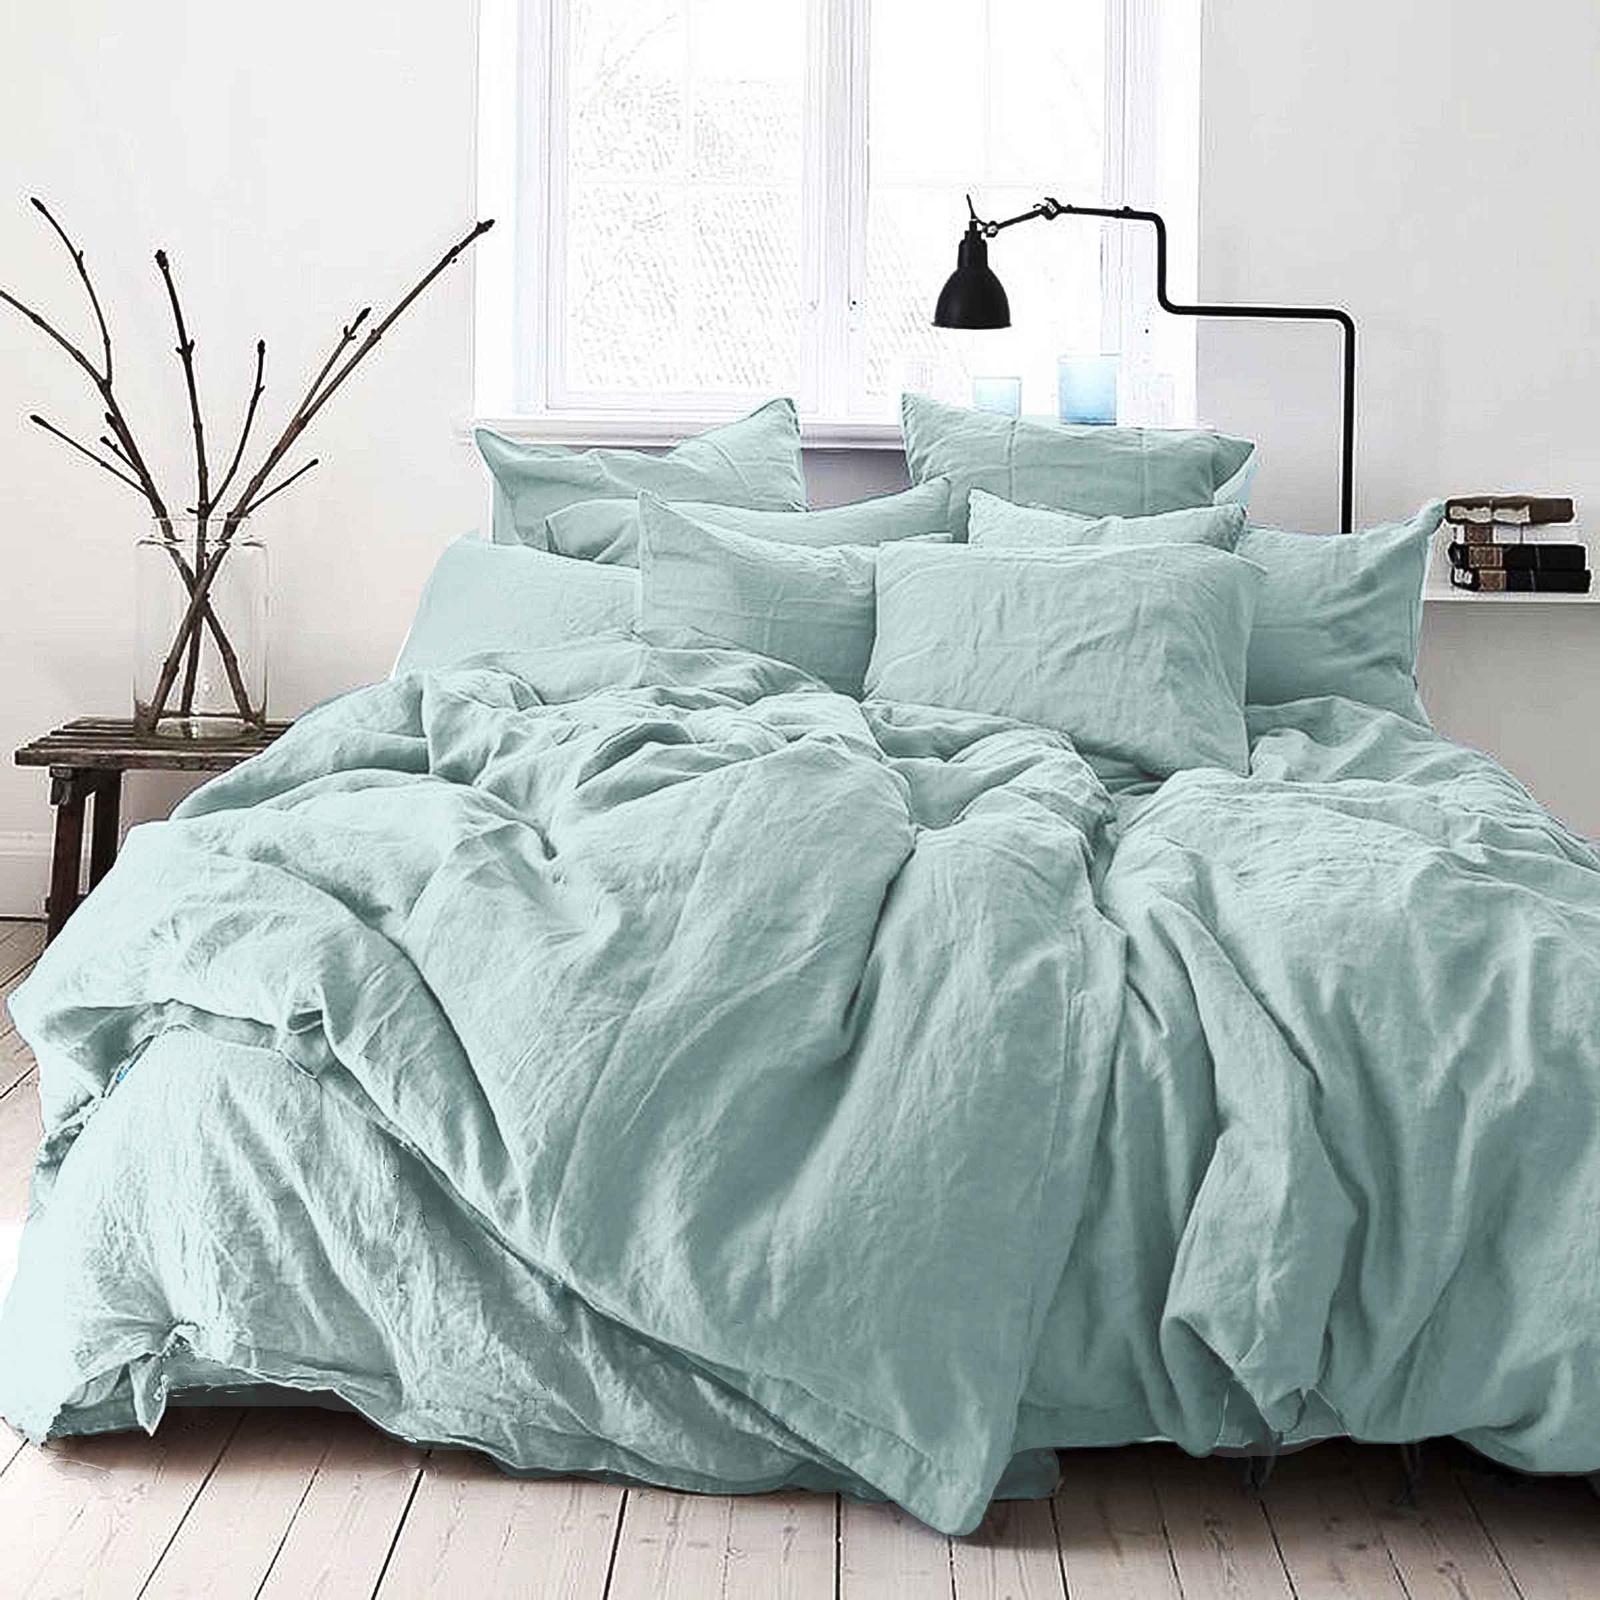 цена Комплект постельного белья Seta Лён De Lux Aqua Sprill 01783303, евро, наволочки 50x50 см онлайн в 2017 году